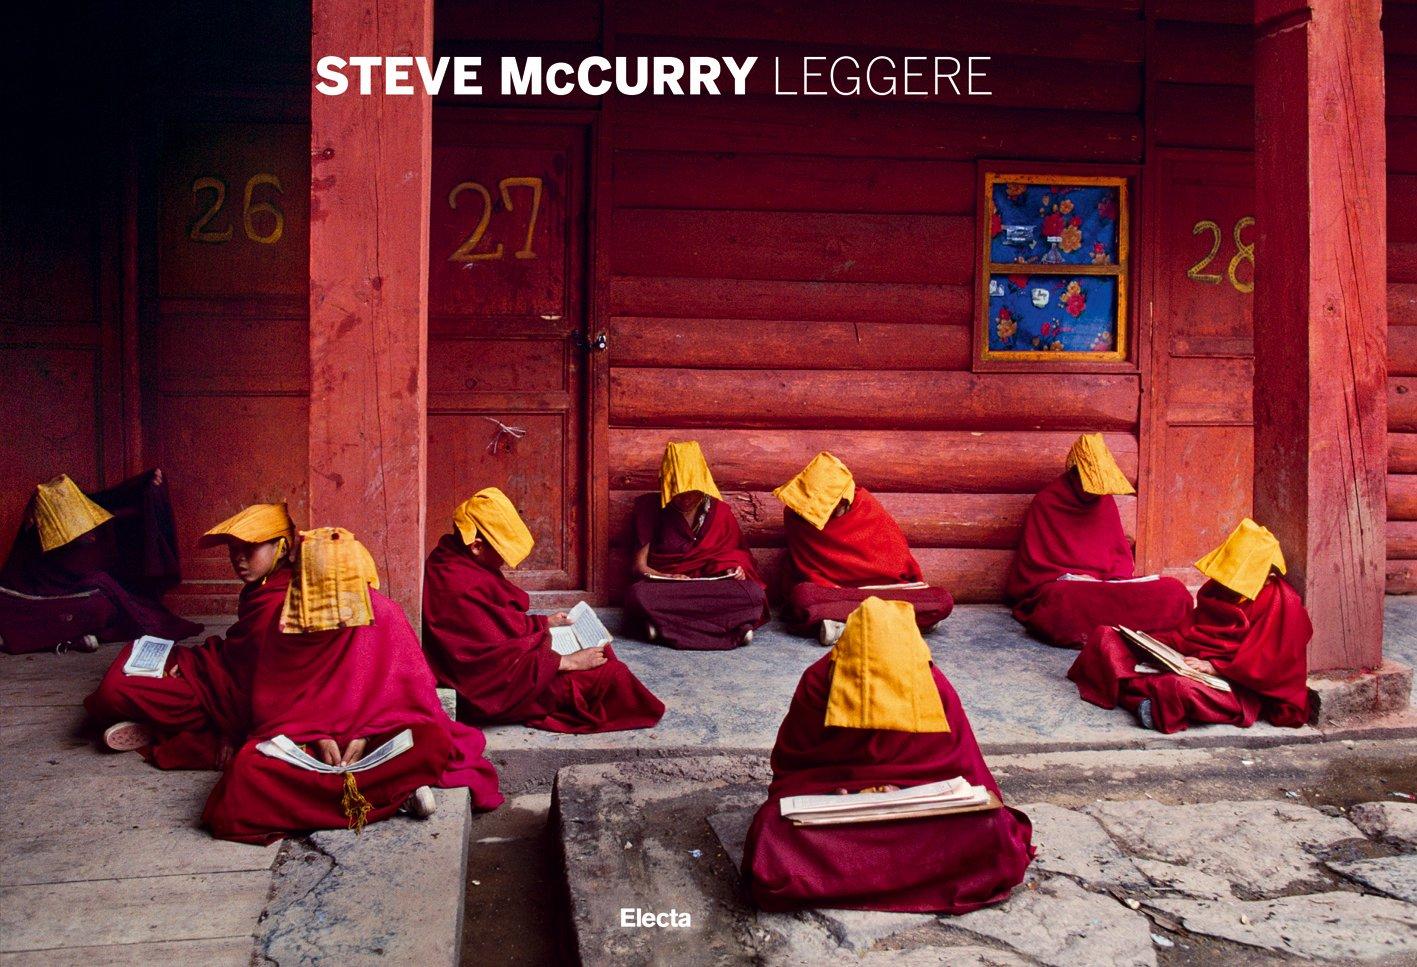 McCurry leggere catalogo